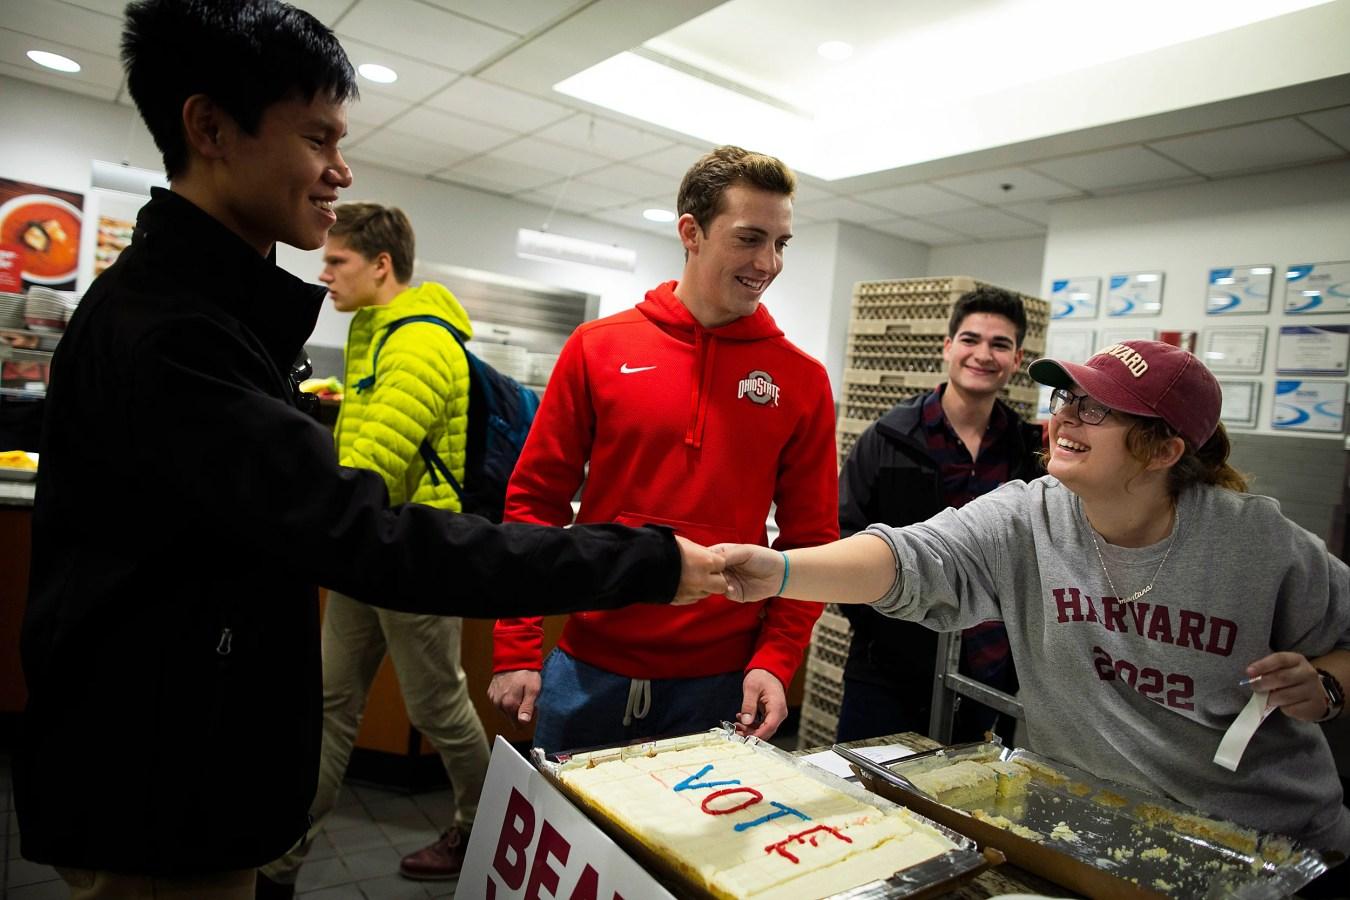 Harvard voter registration drive.